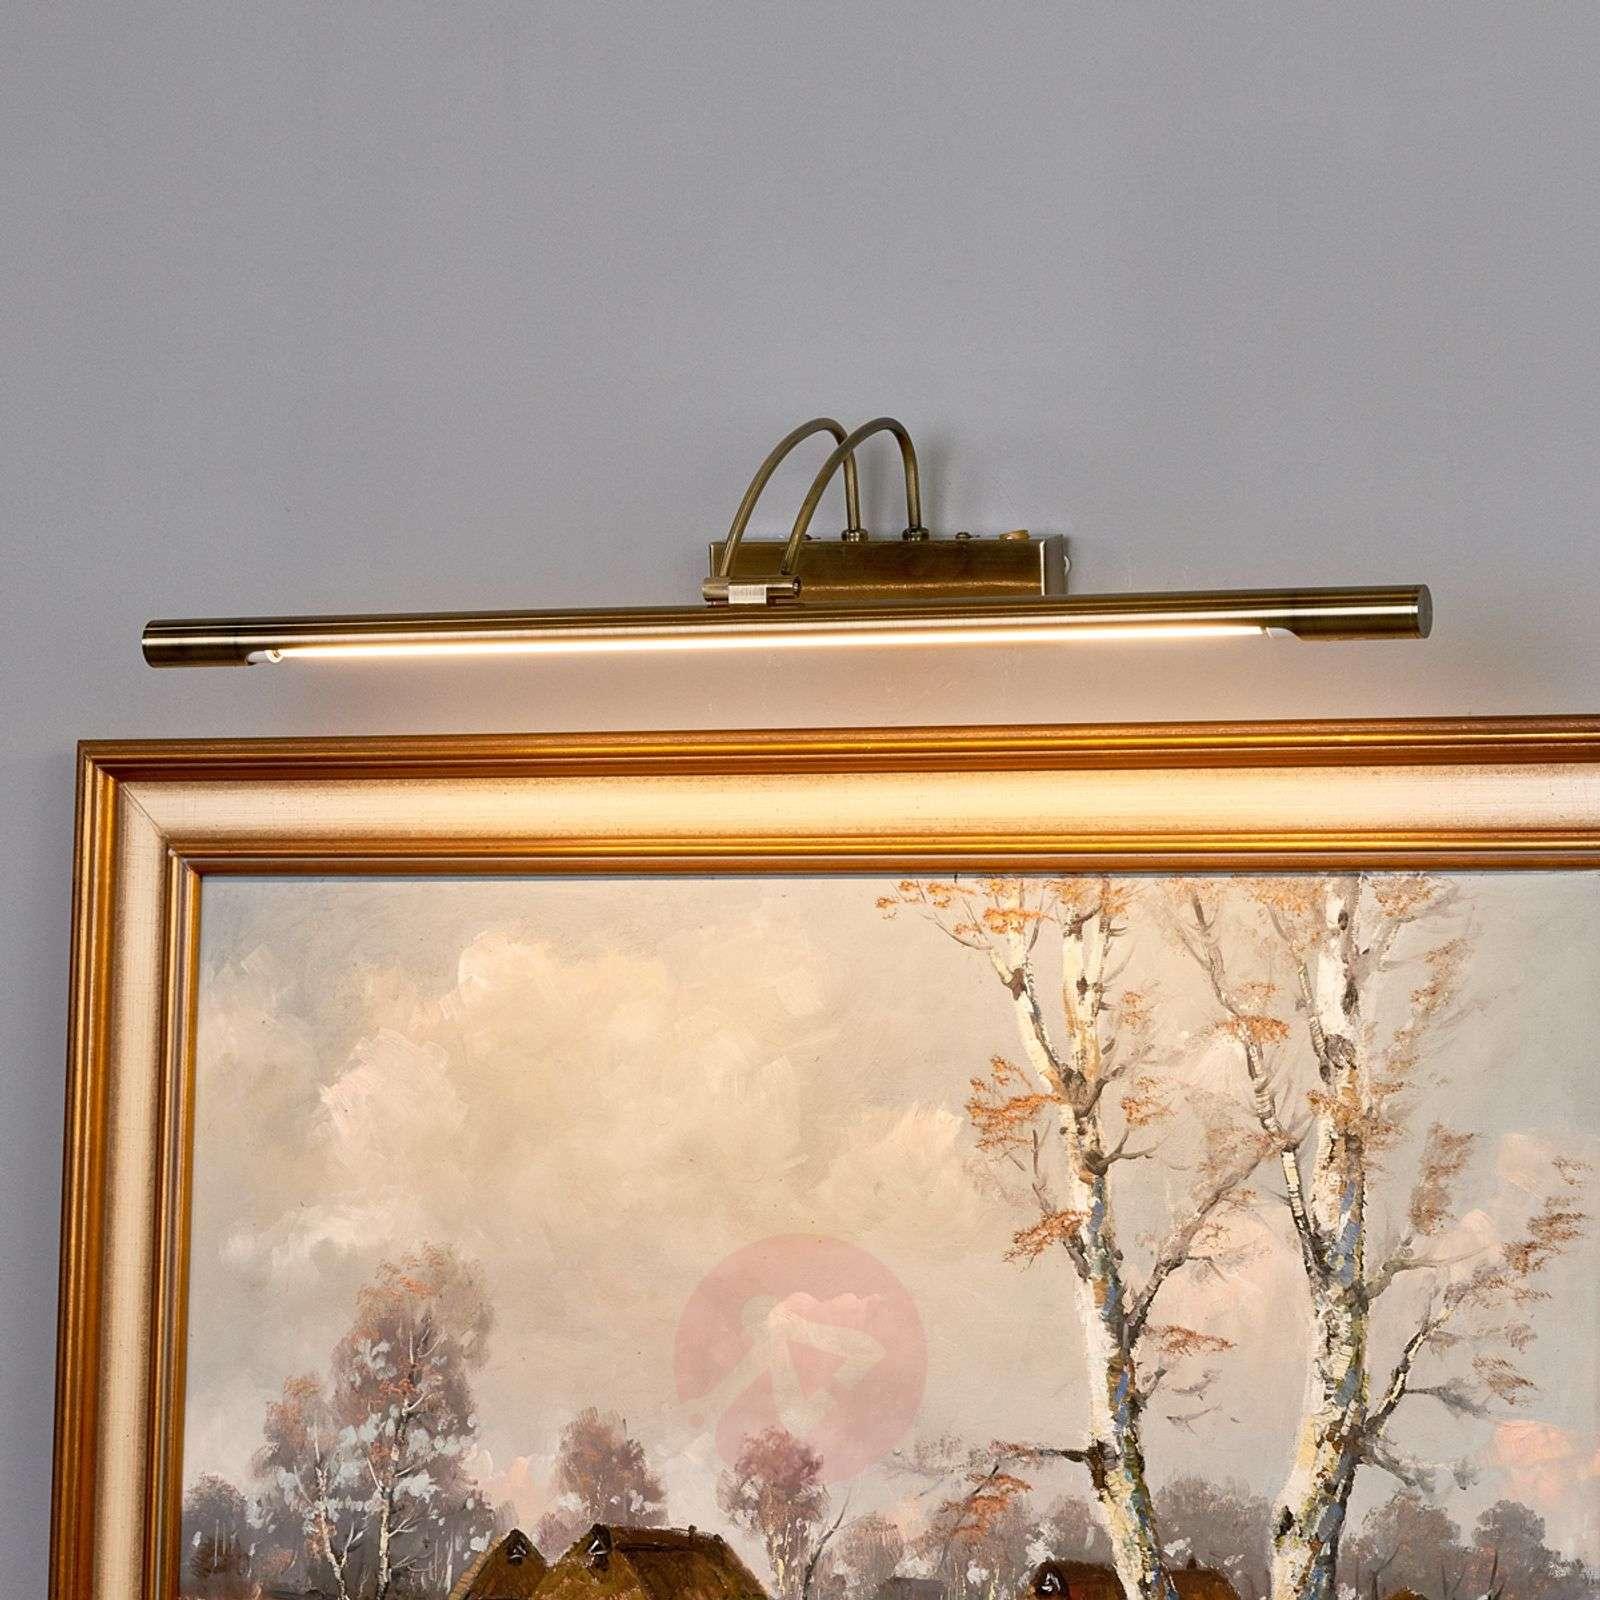 LED-tauluvalaisin Piktura, vanha messinki-8570214-02